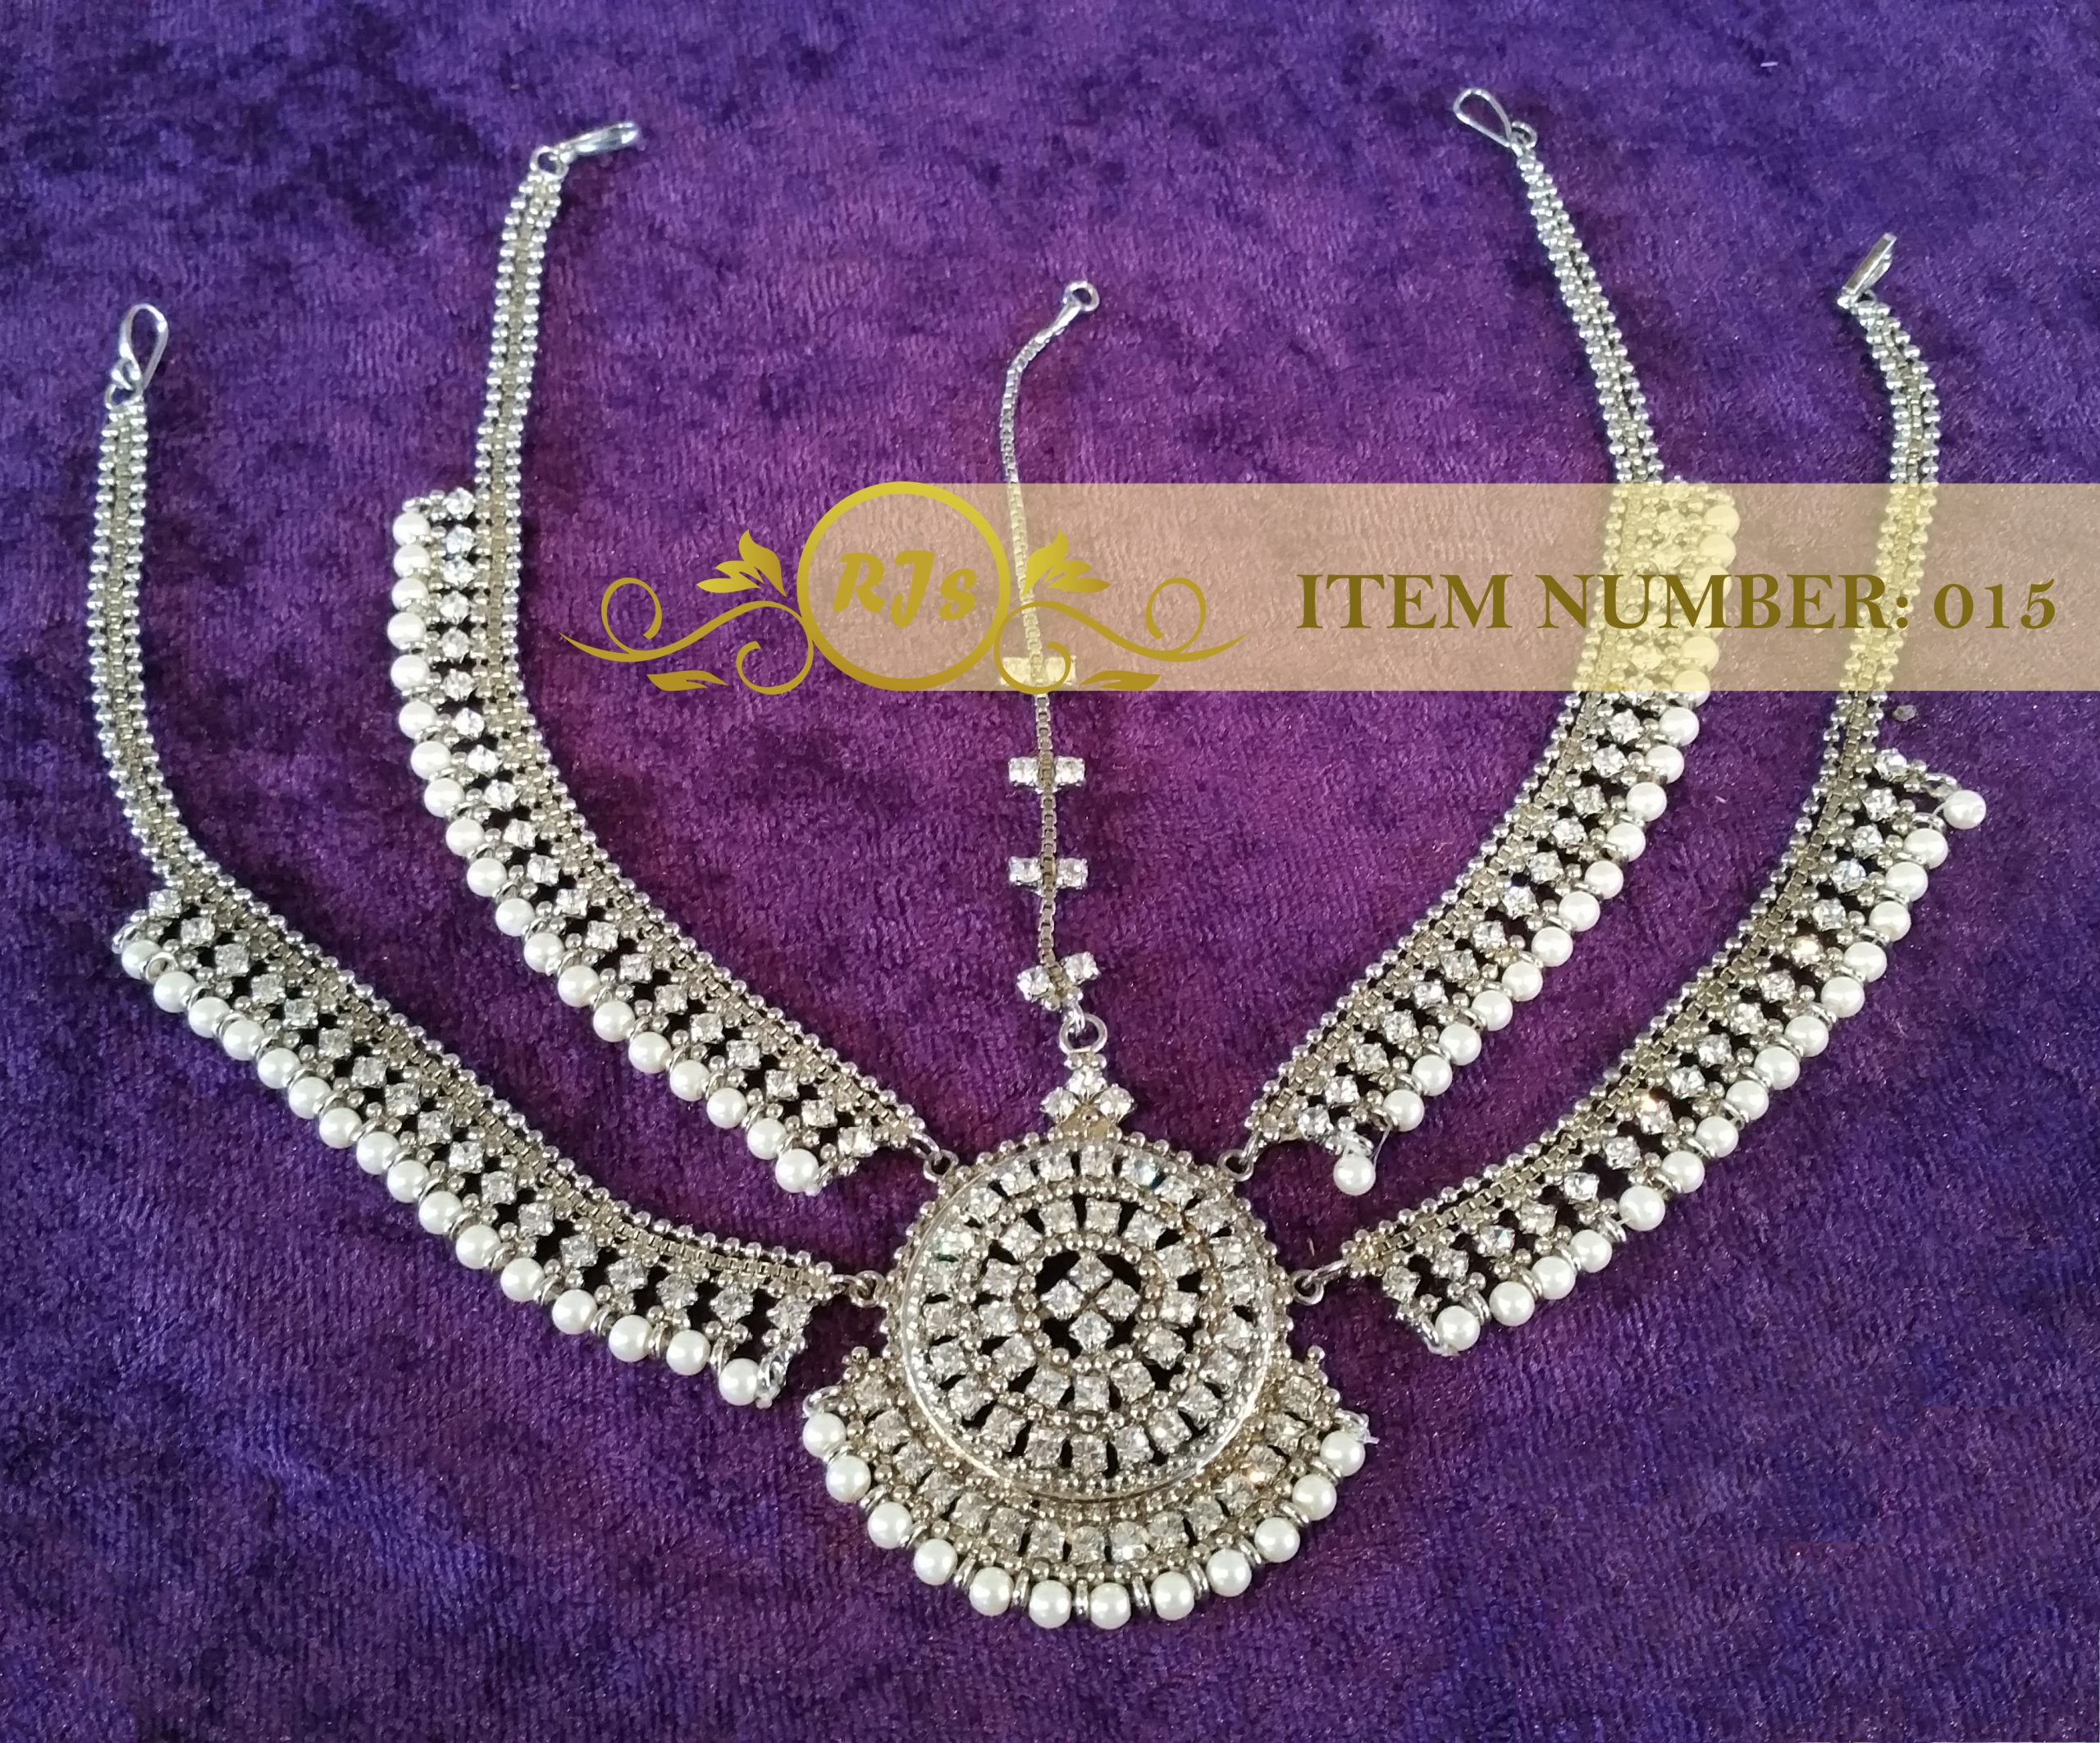 front matha pati - head jewellery - silver bridal matha pati - wholesale Pakistani jewellery - bespoke Pakistani jewellery